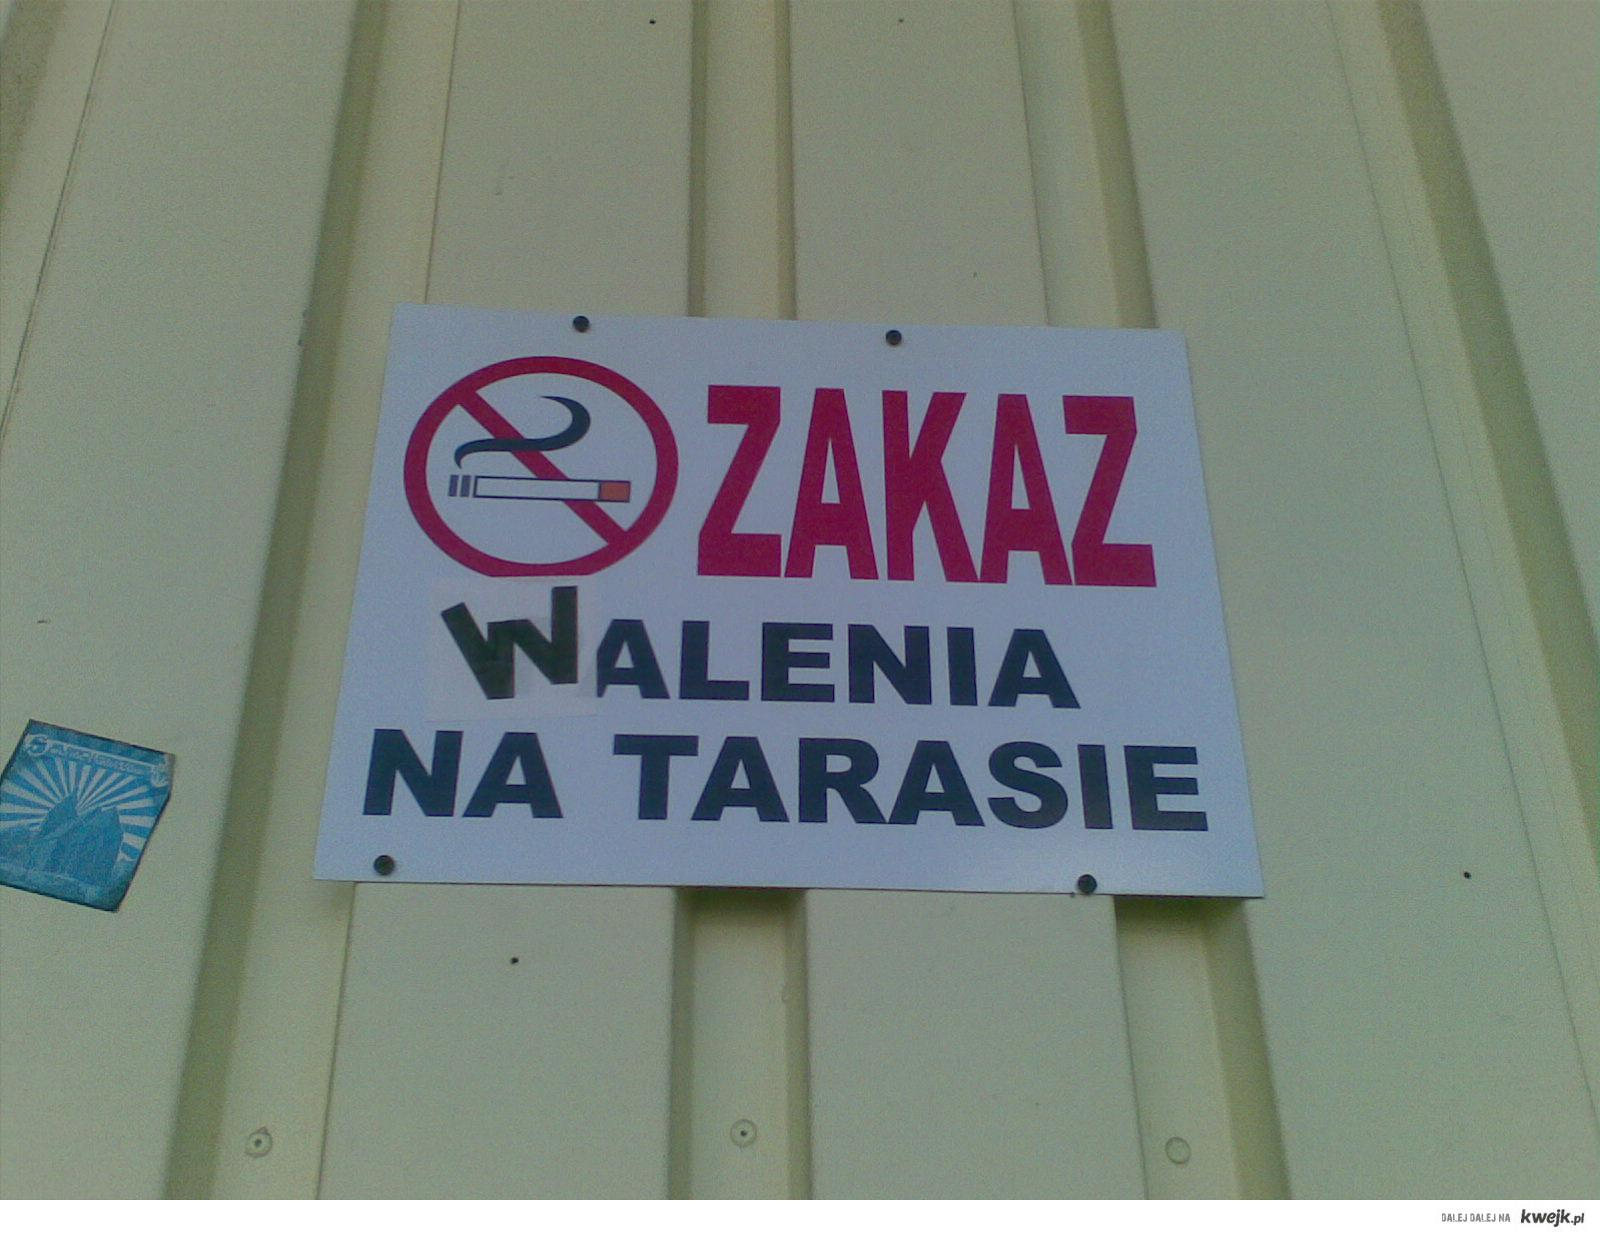 Zakaz Walenia